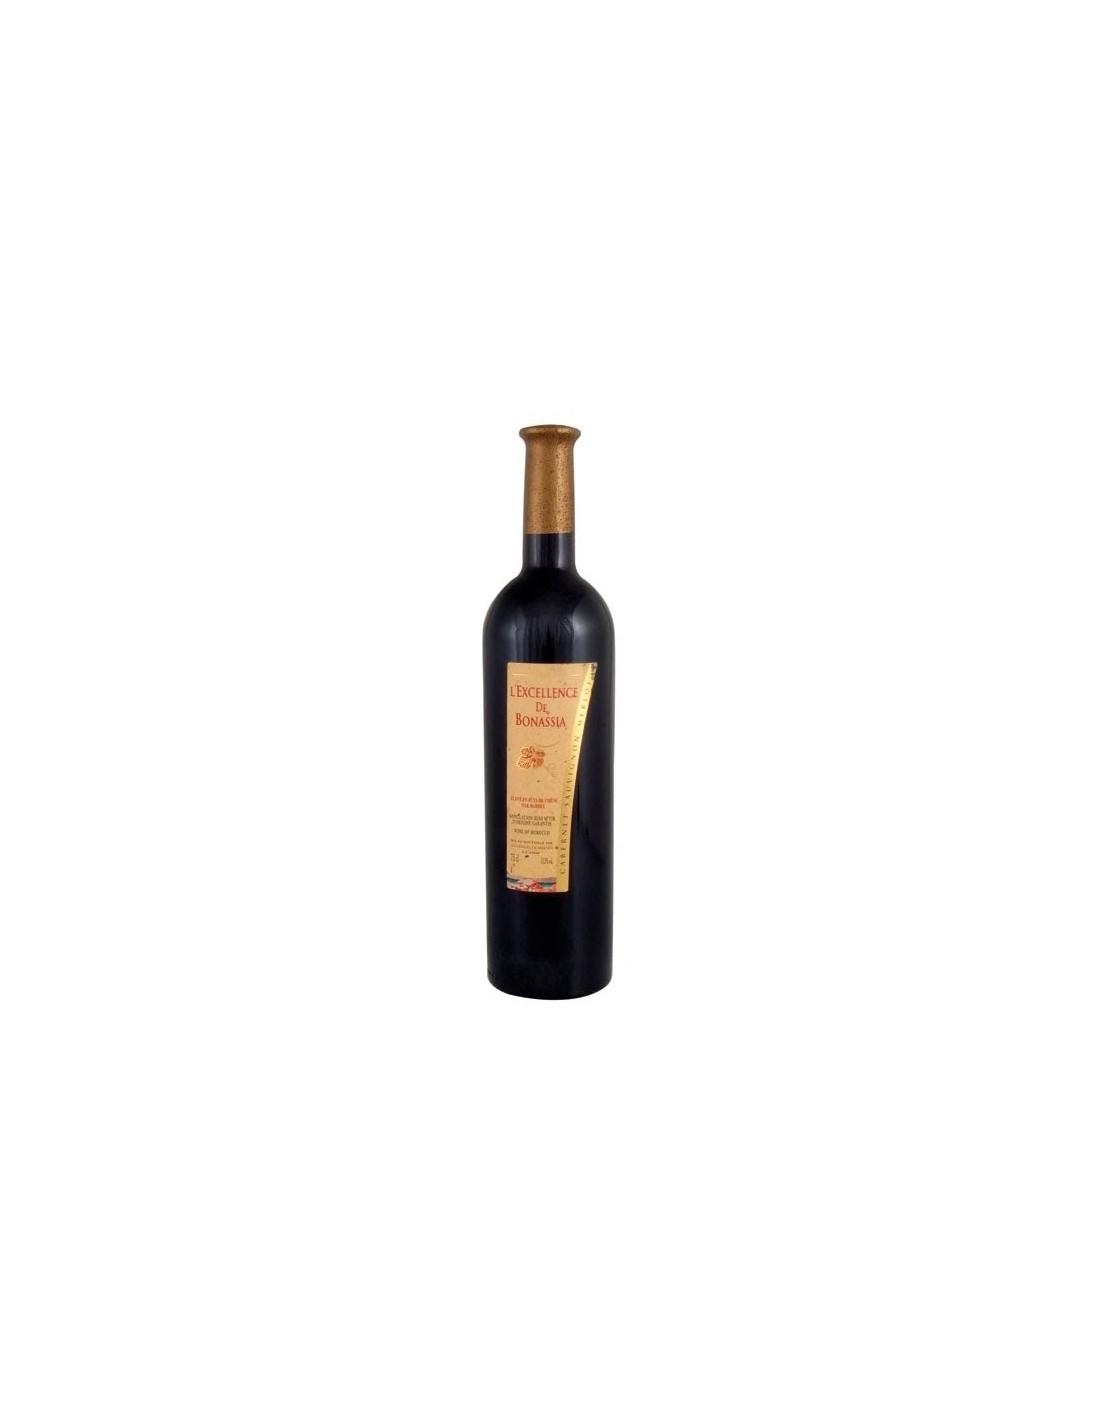 Vin rosu, Cupaj, L'Excellence de Bonassia Meknès, 0.75L, 12% alc., Maroc